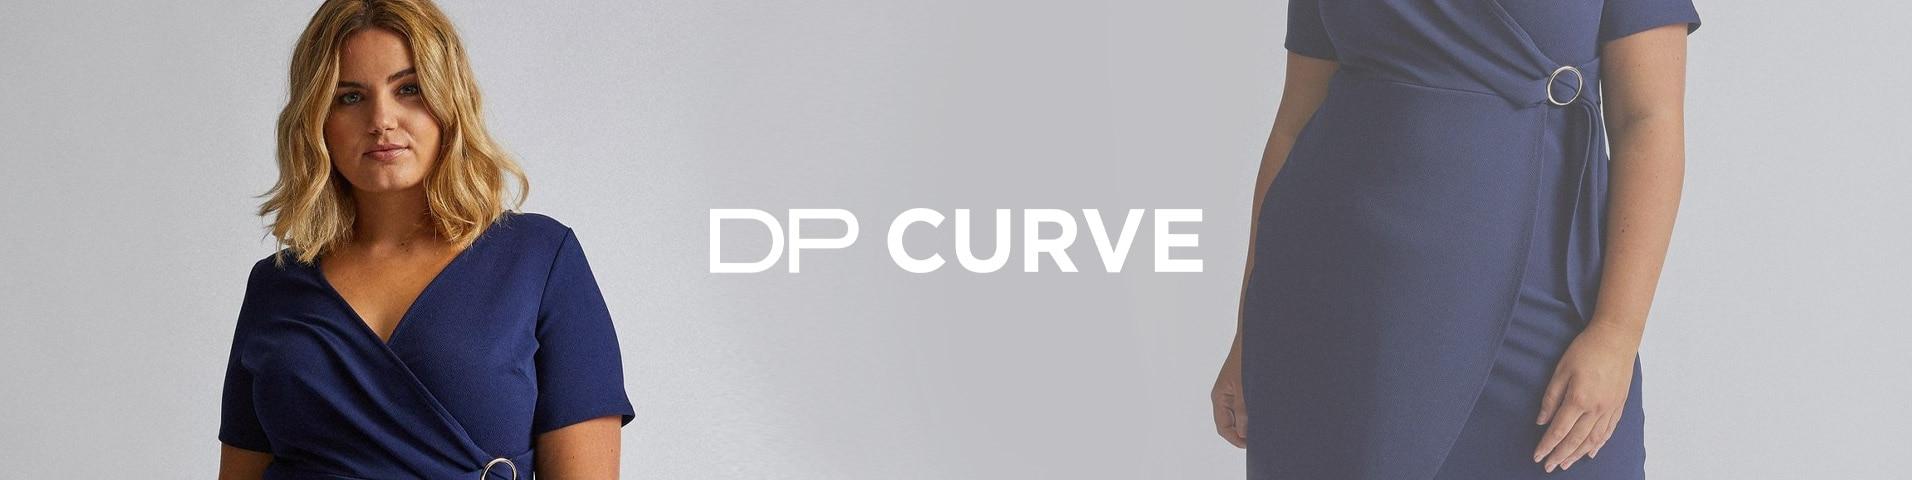 15 Leicht Abendkleider Curve Stylish17 Top Abendkleider Curve Stylish